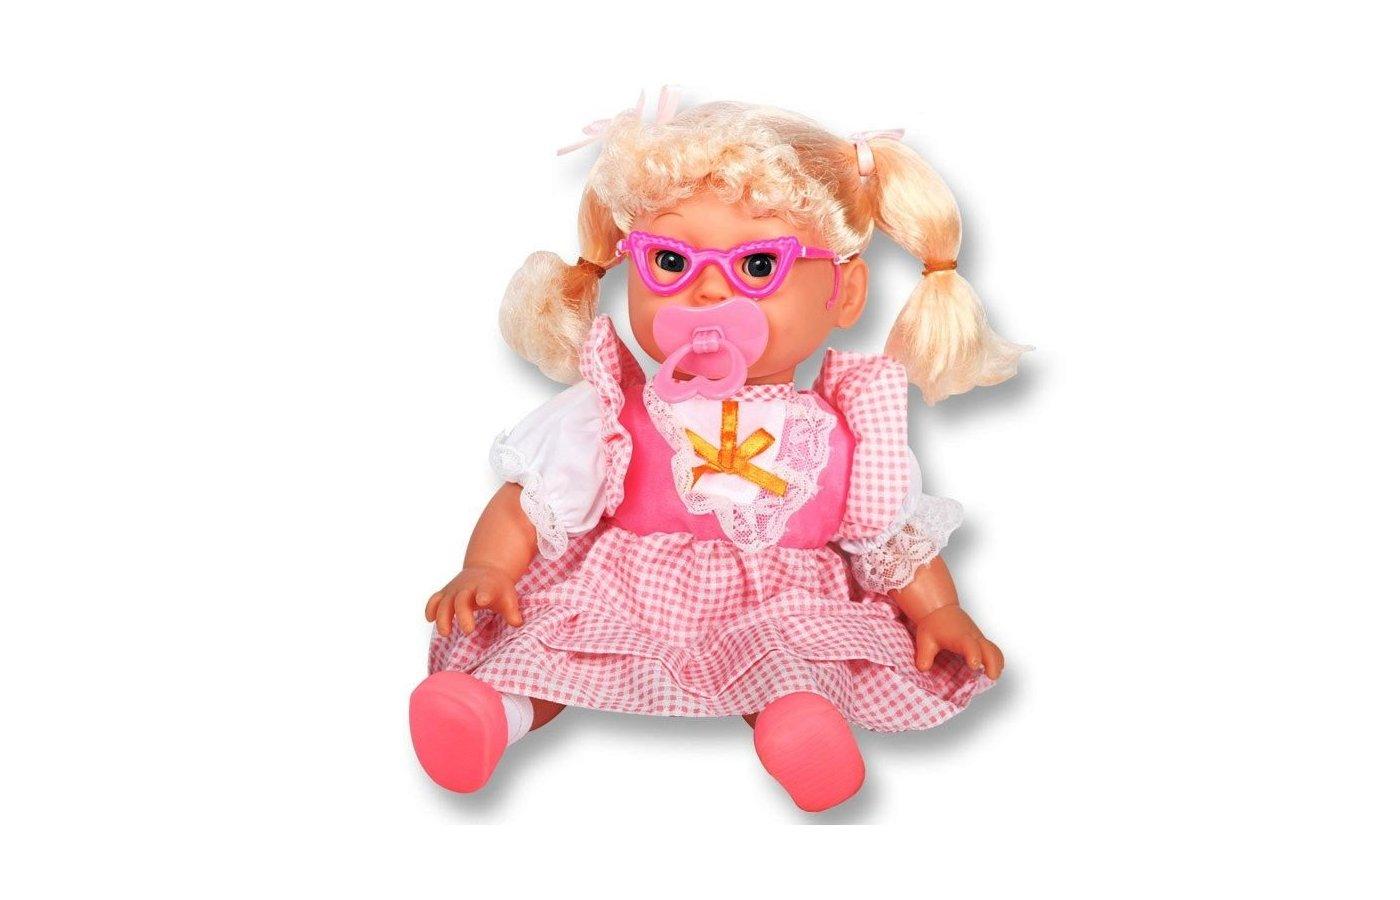 Игрушка DollyToy DOL0804-005 Интерактивная кукла Мамина умница